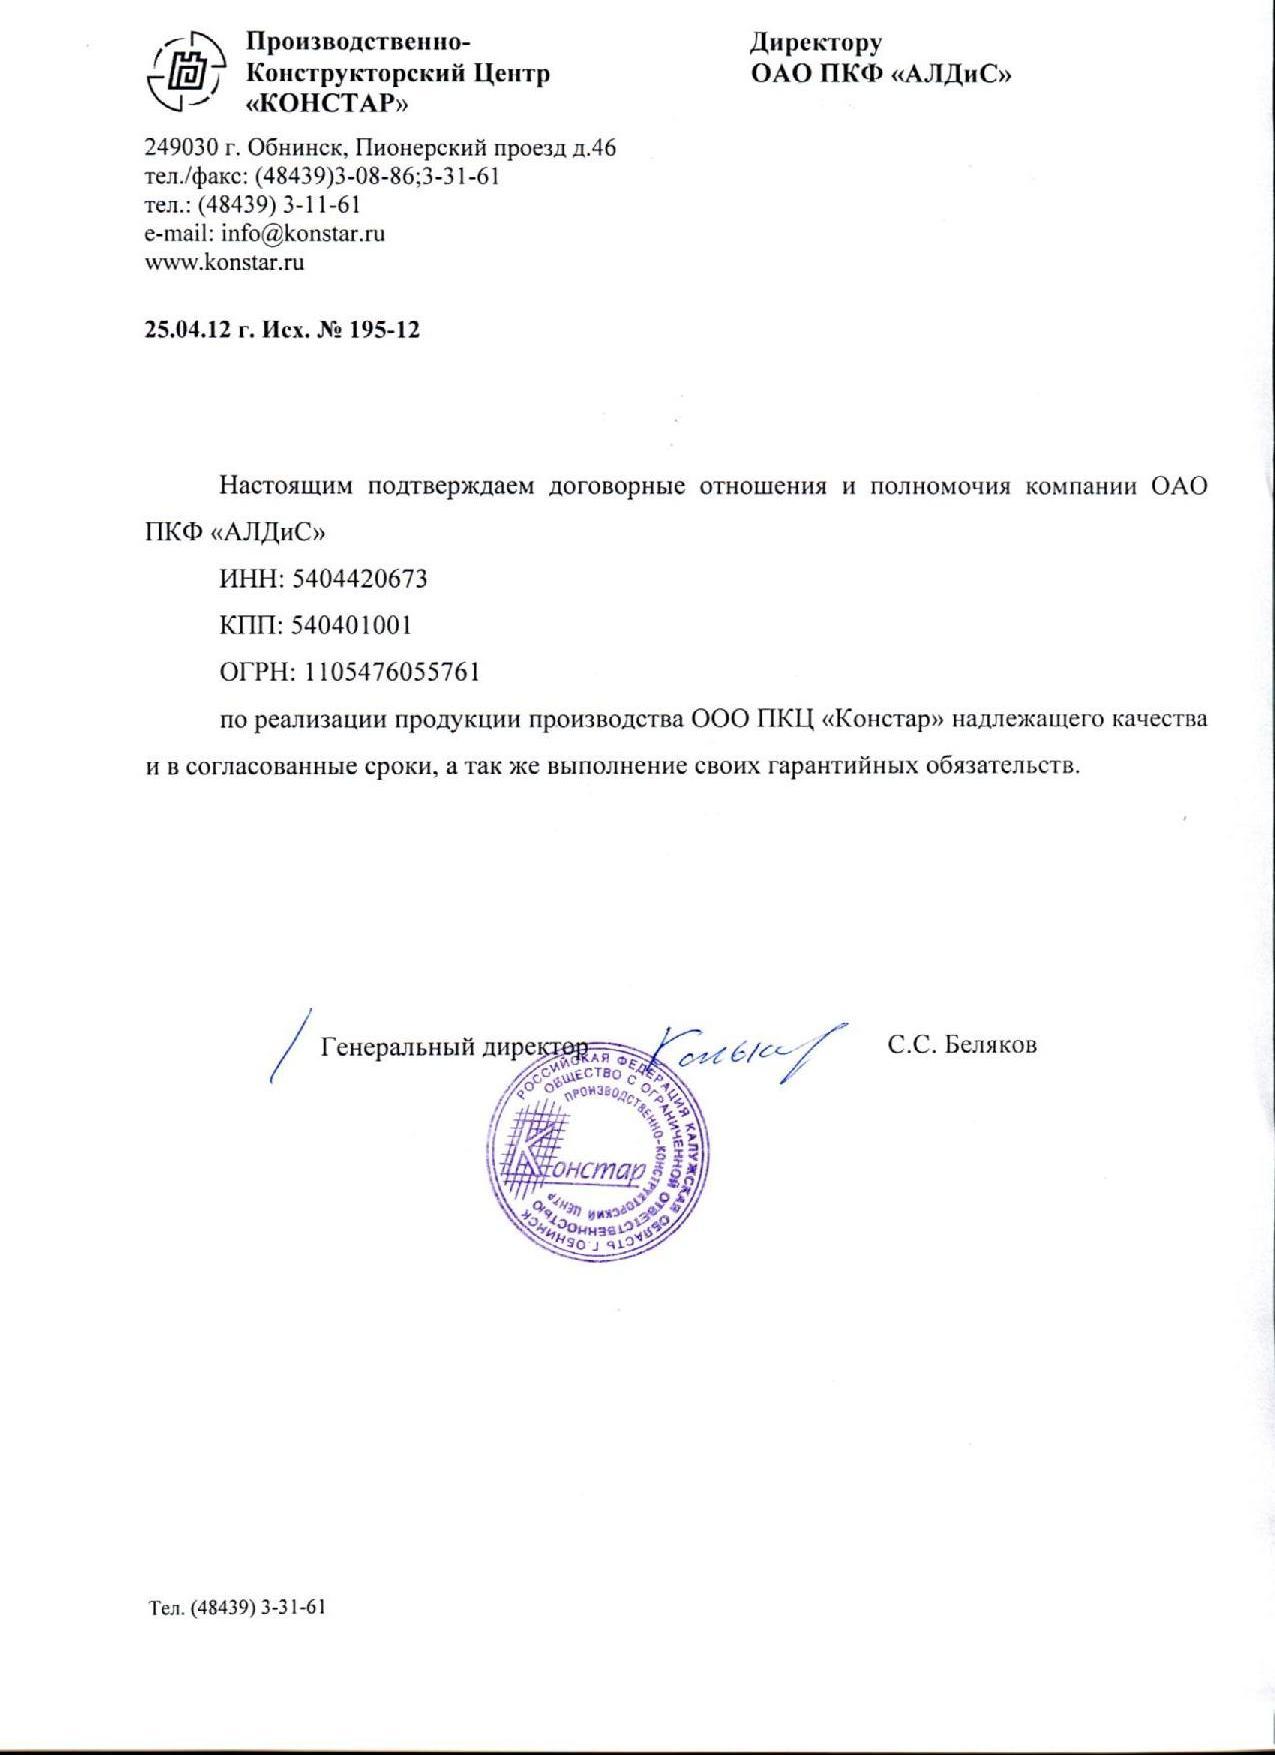 Сертификат от Констар